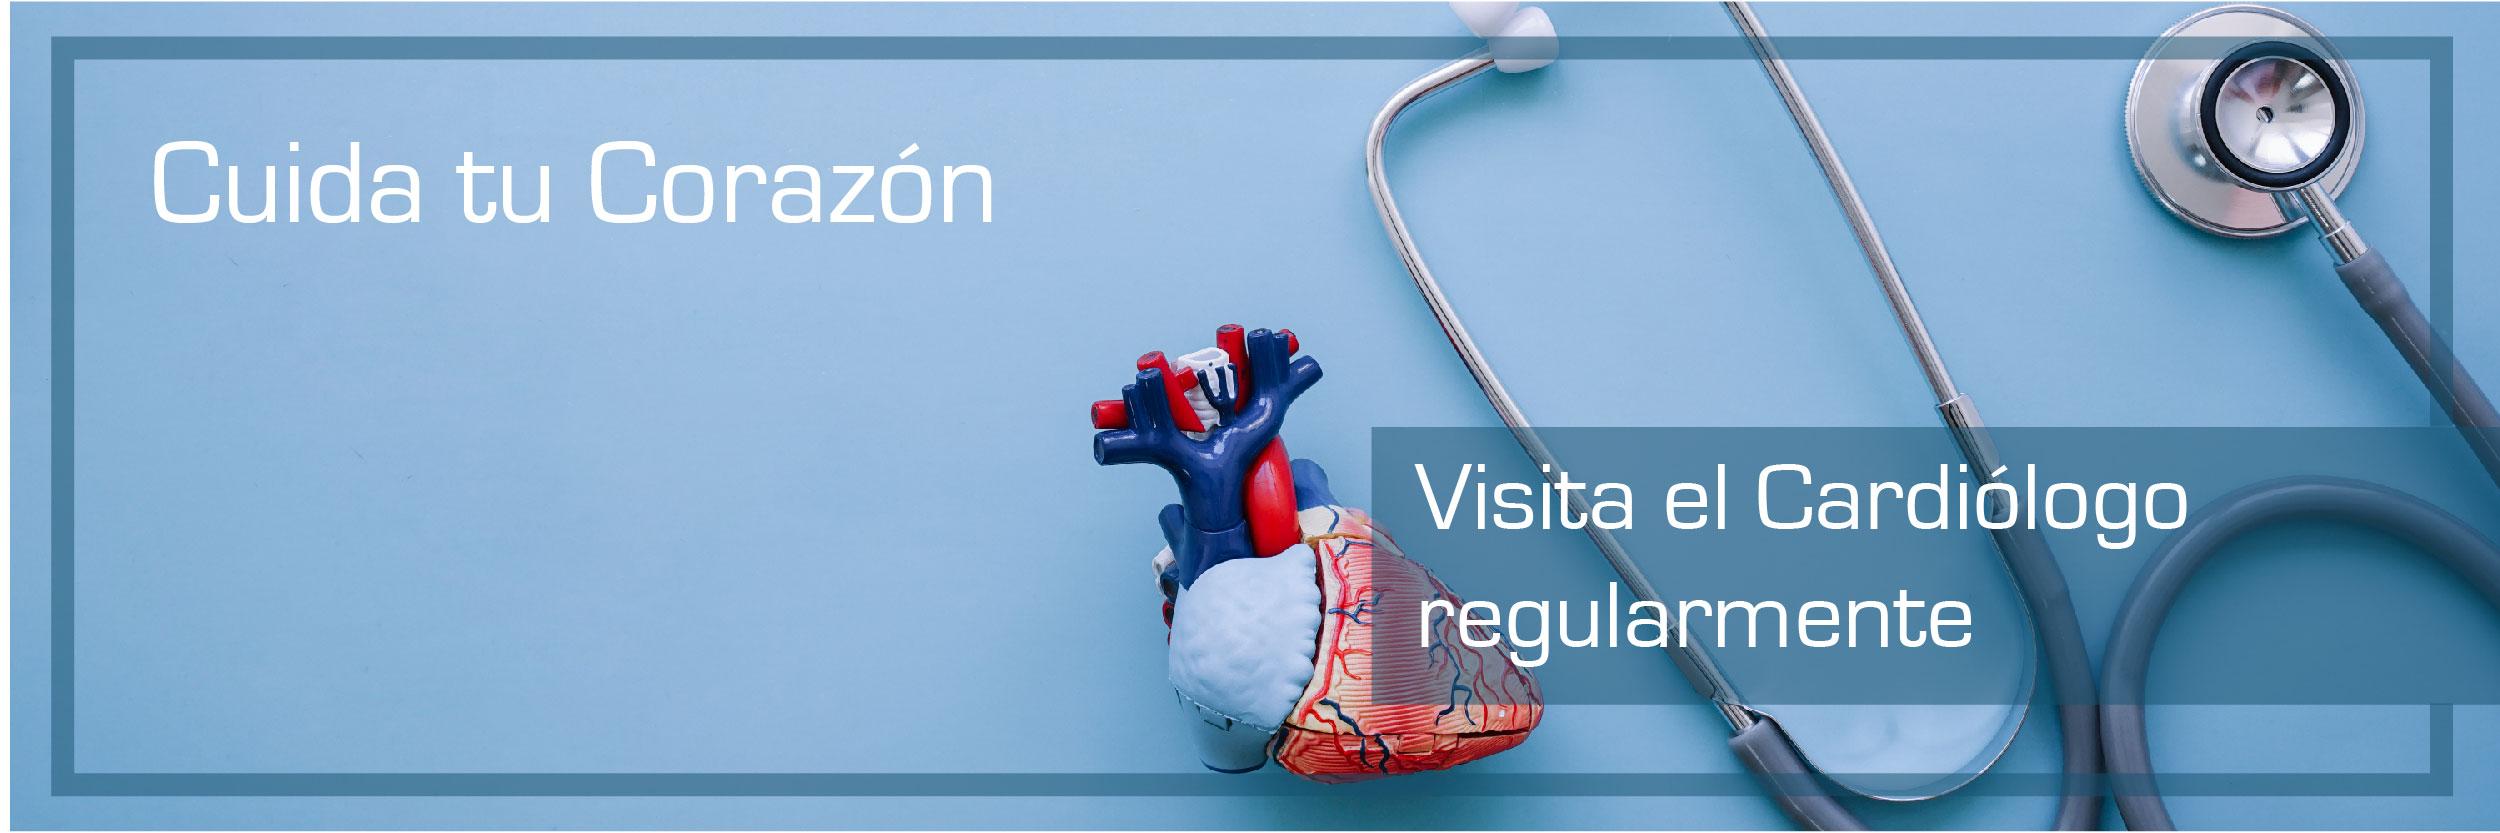 Consulta cardiología con especialista particular en Clínica del Norte en Bello Antioquia